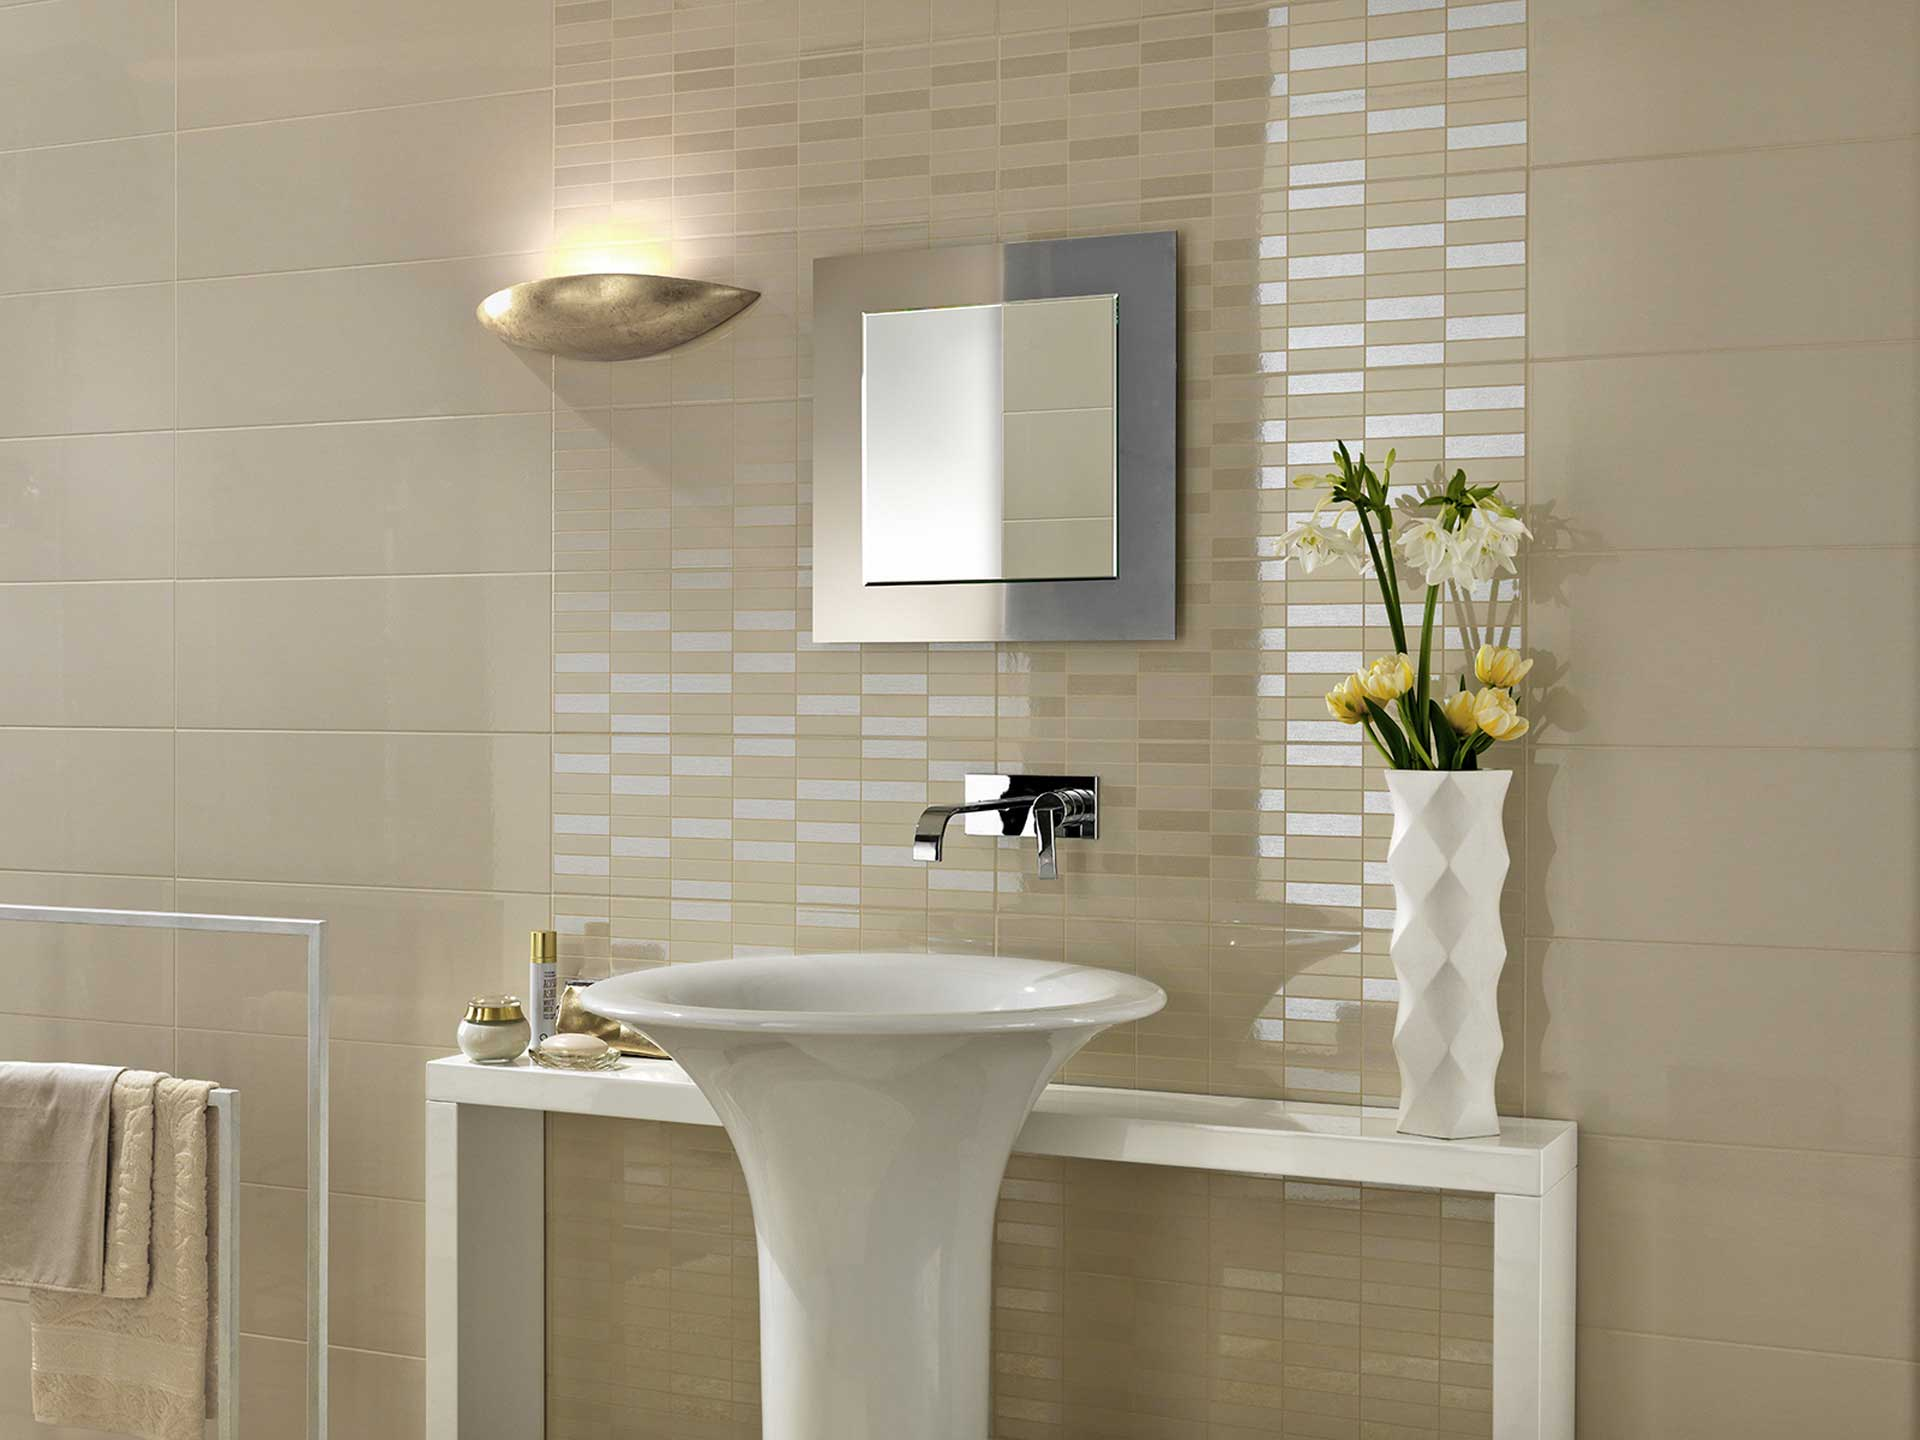 bagno effetto spa ~ la scelta giusta per il design domestico - Bagni Moderni Marazzi